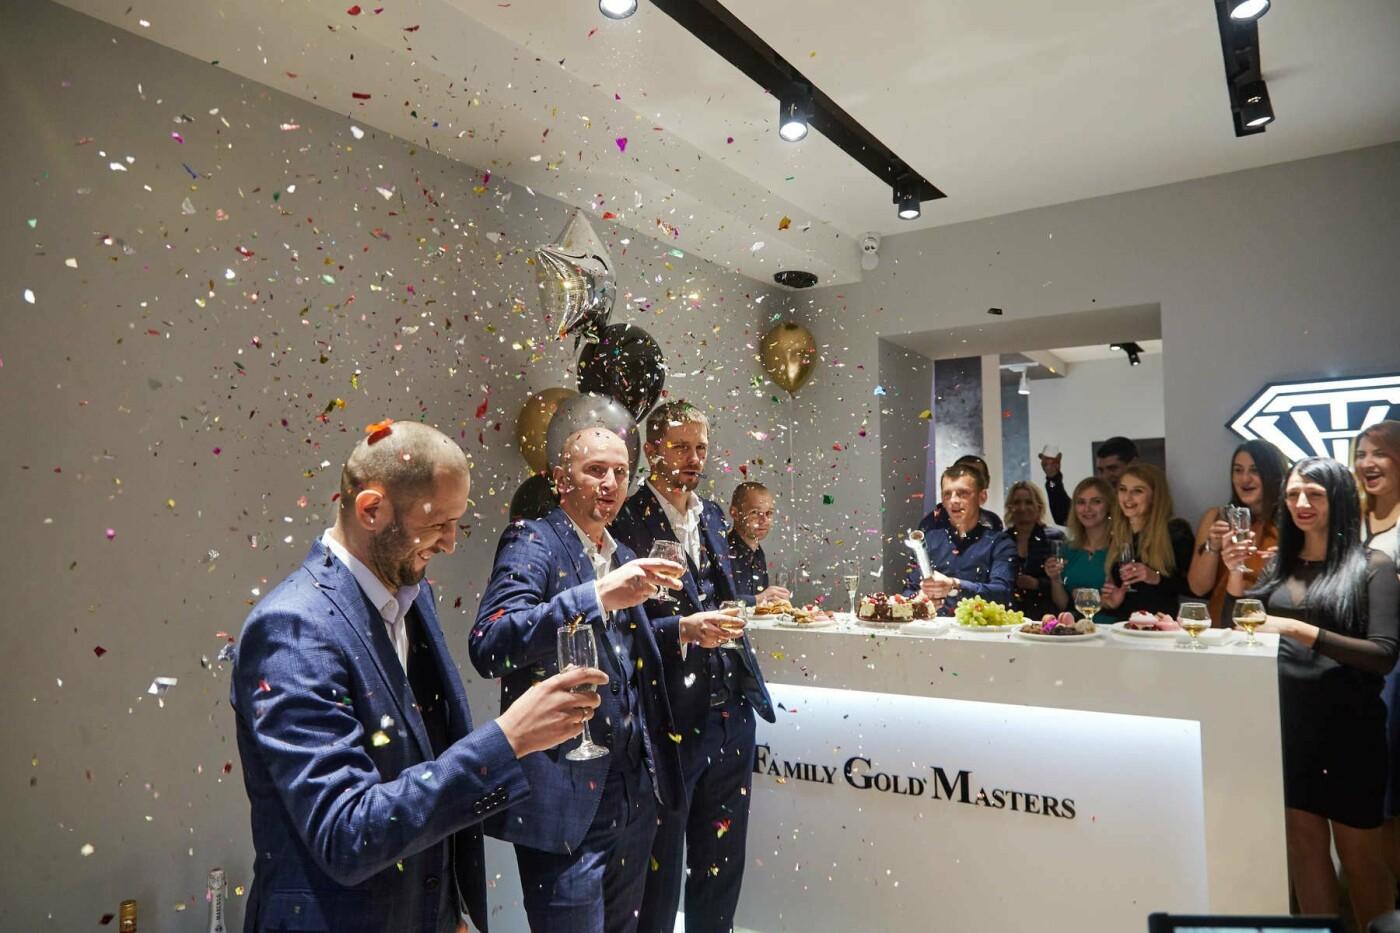 Ювелірна компанія Братів ювелірів Family Gold Masters відкрила у Львові власний шоу-рум. Завітай просто зараз, фото-6